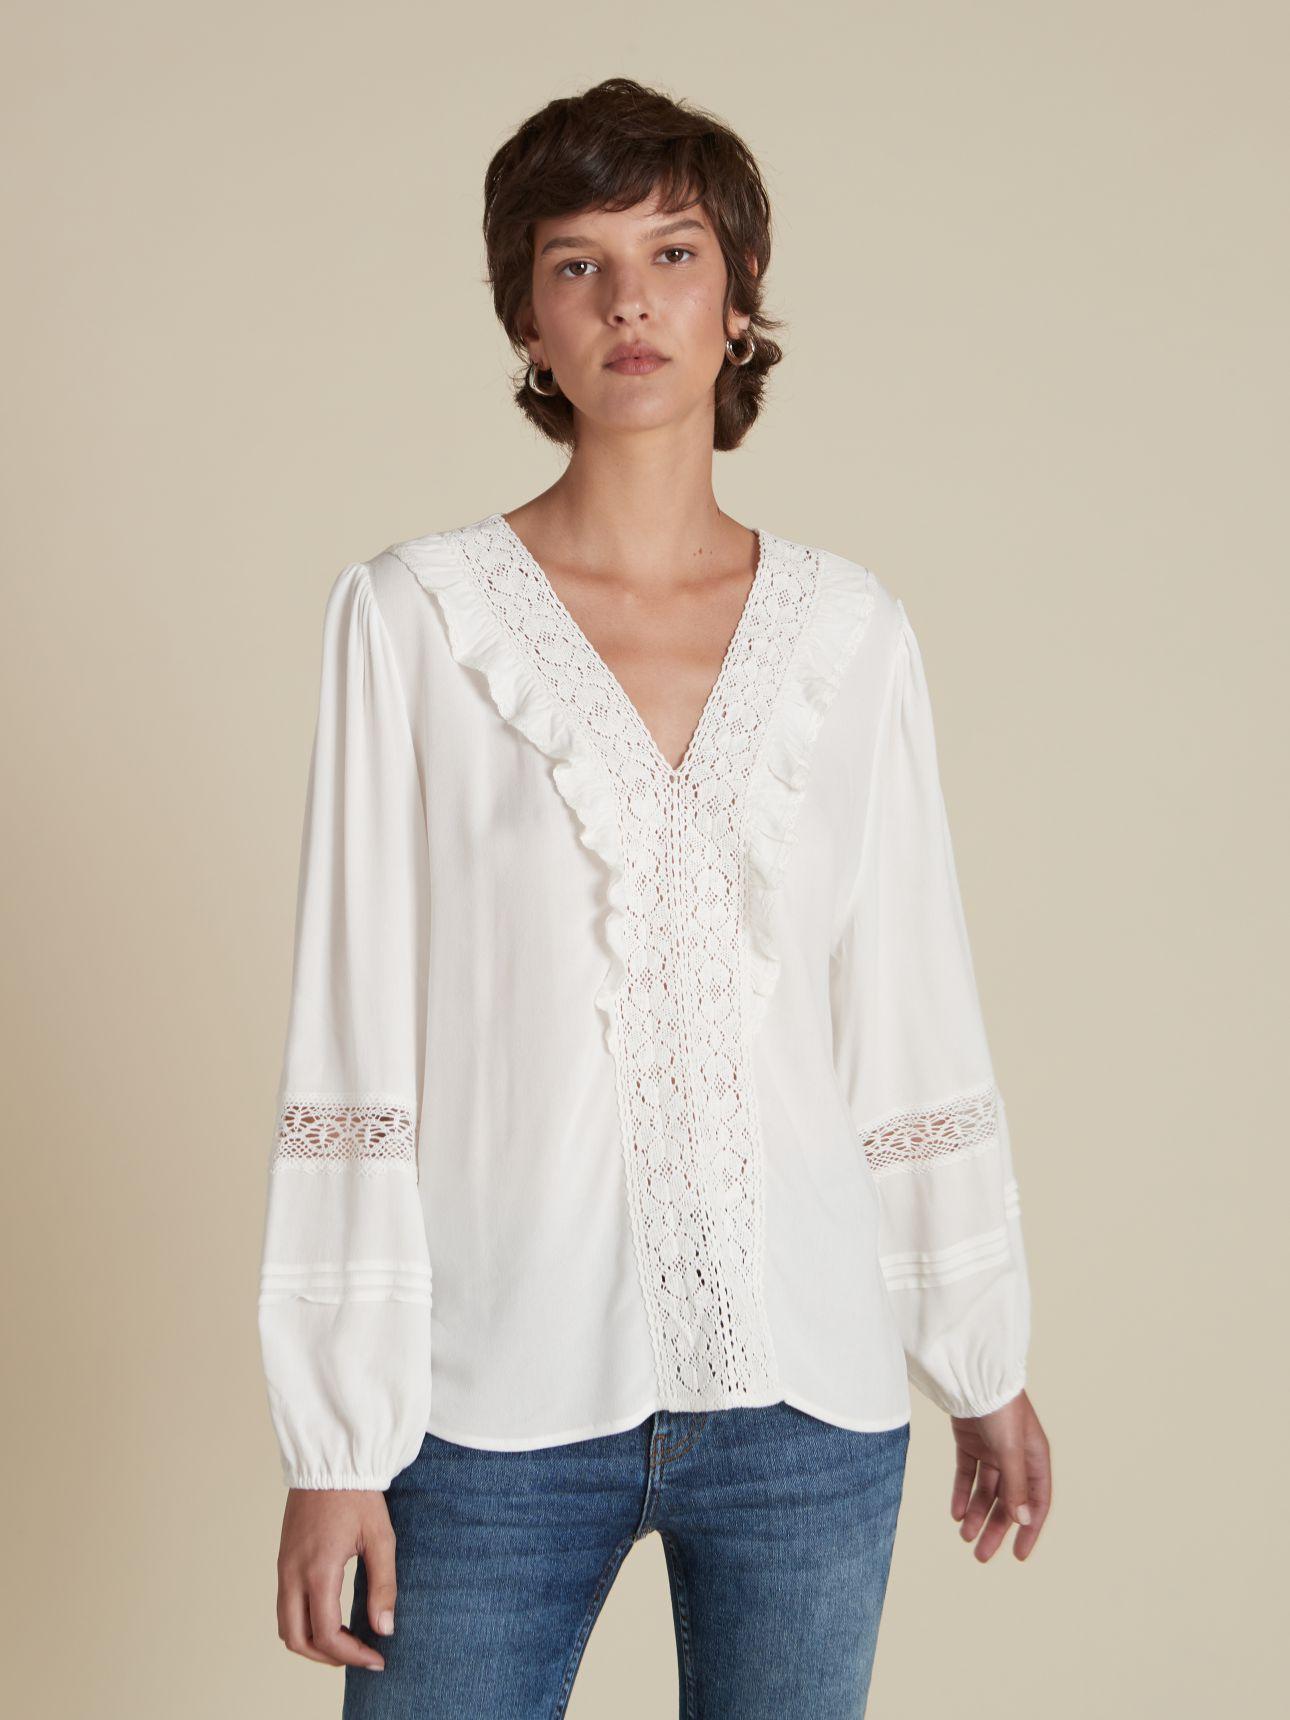 חולצה לבנה עם תחרה